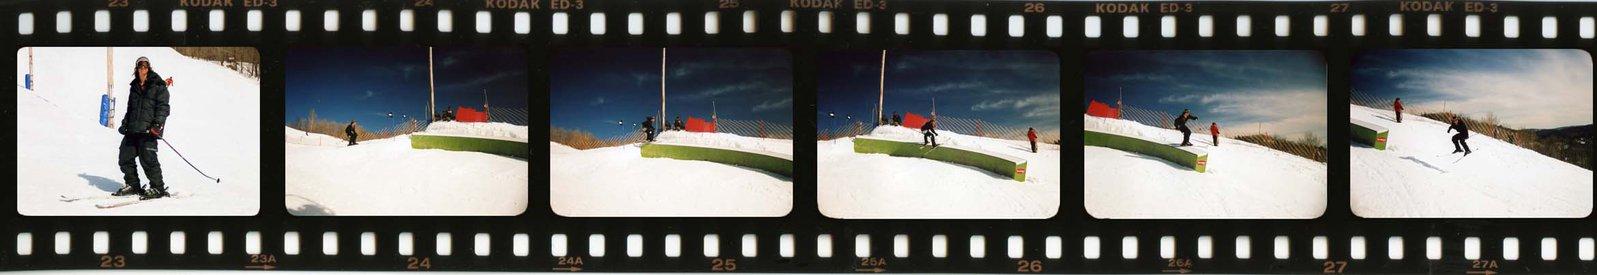 good seq, bad skiing.